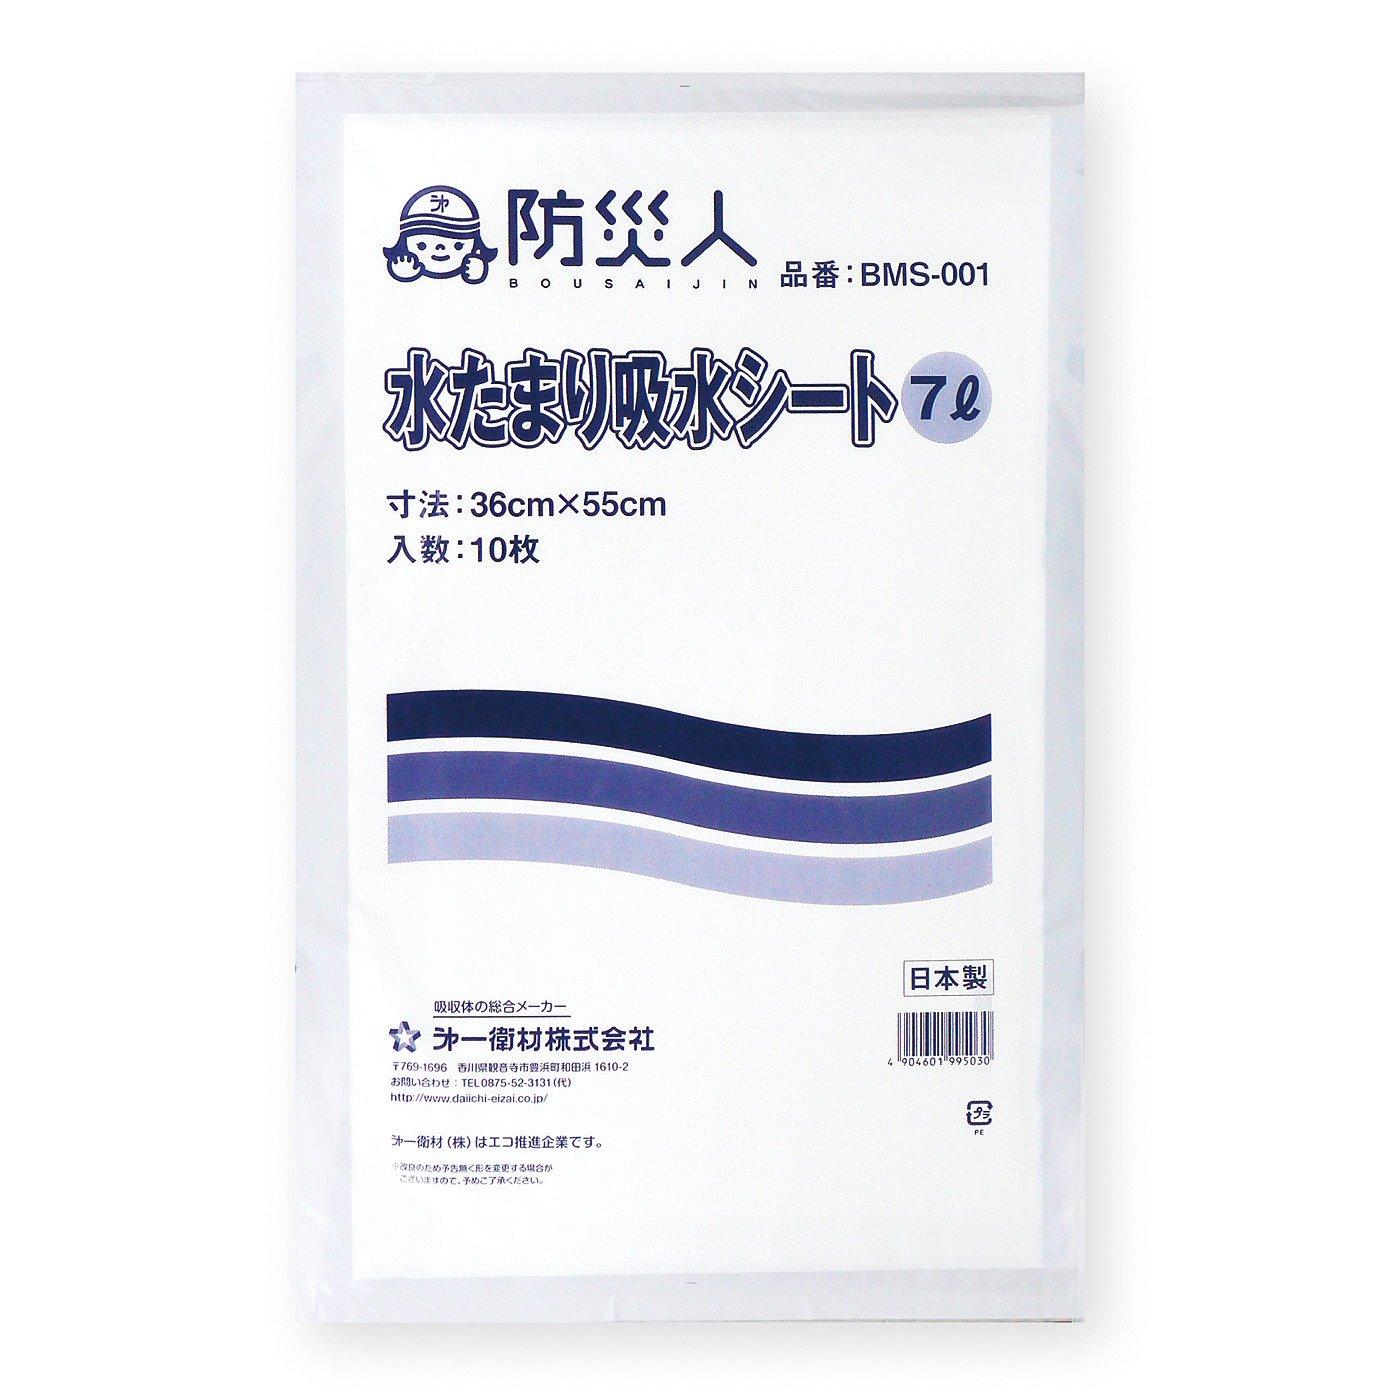 一枚で7L分の水を吸収 水たまりや浸水対策に便利 置くだけぐんぐん吸水シート